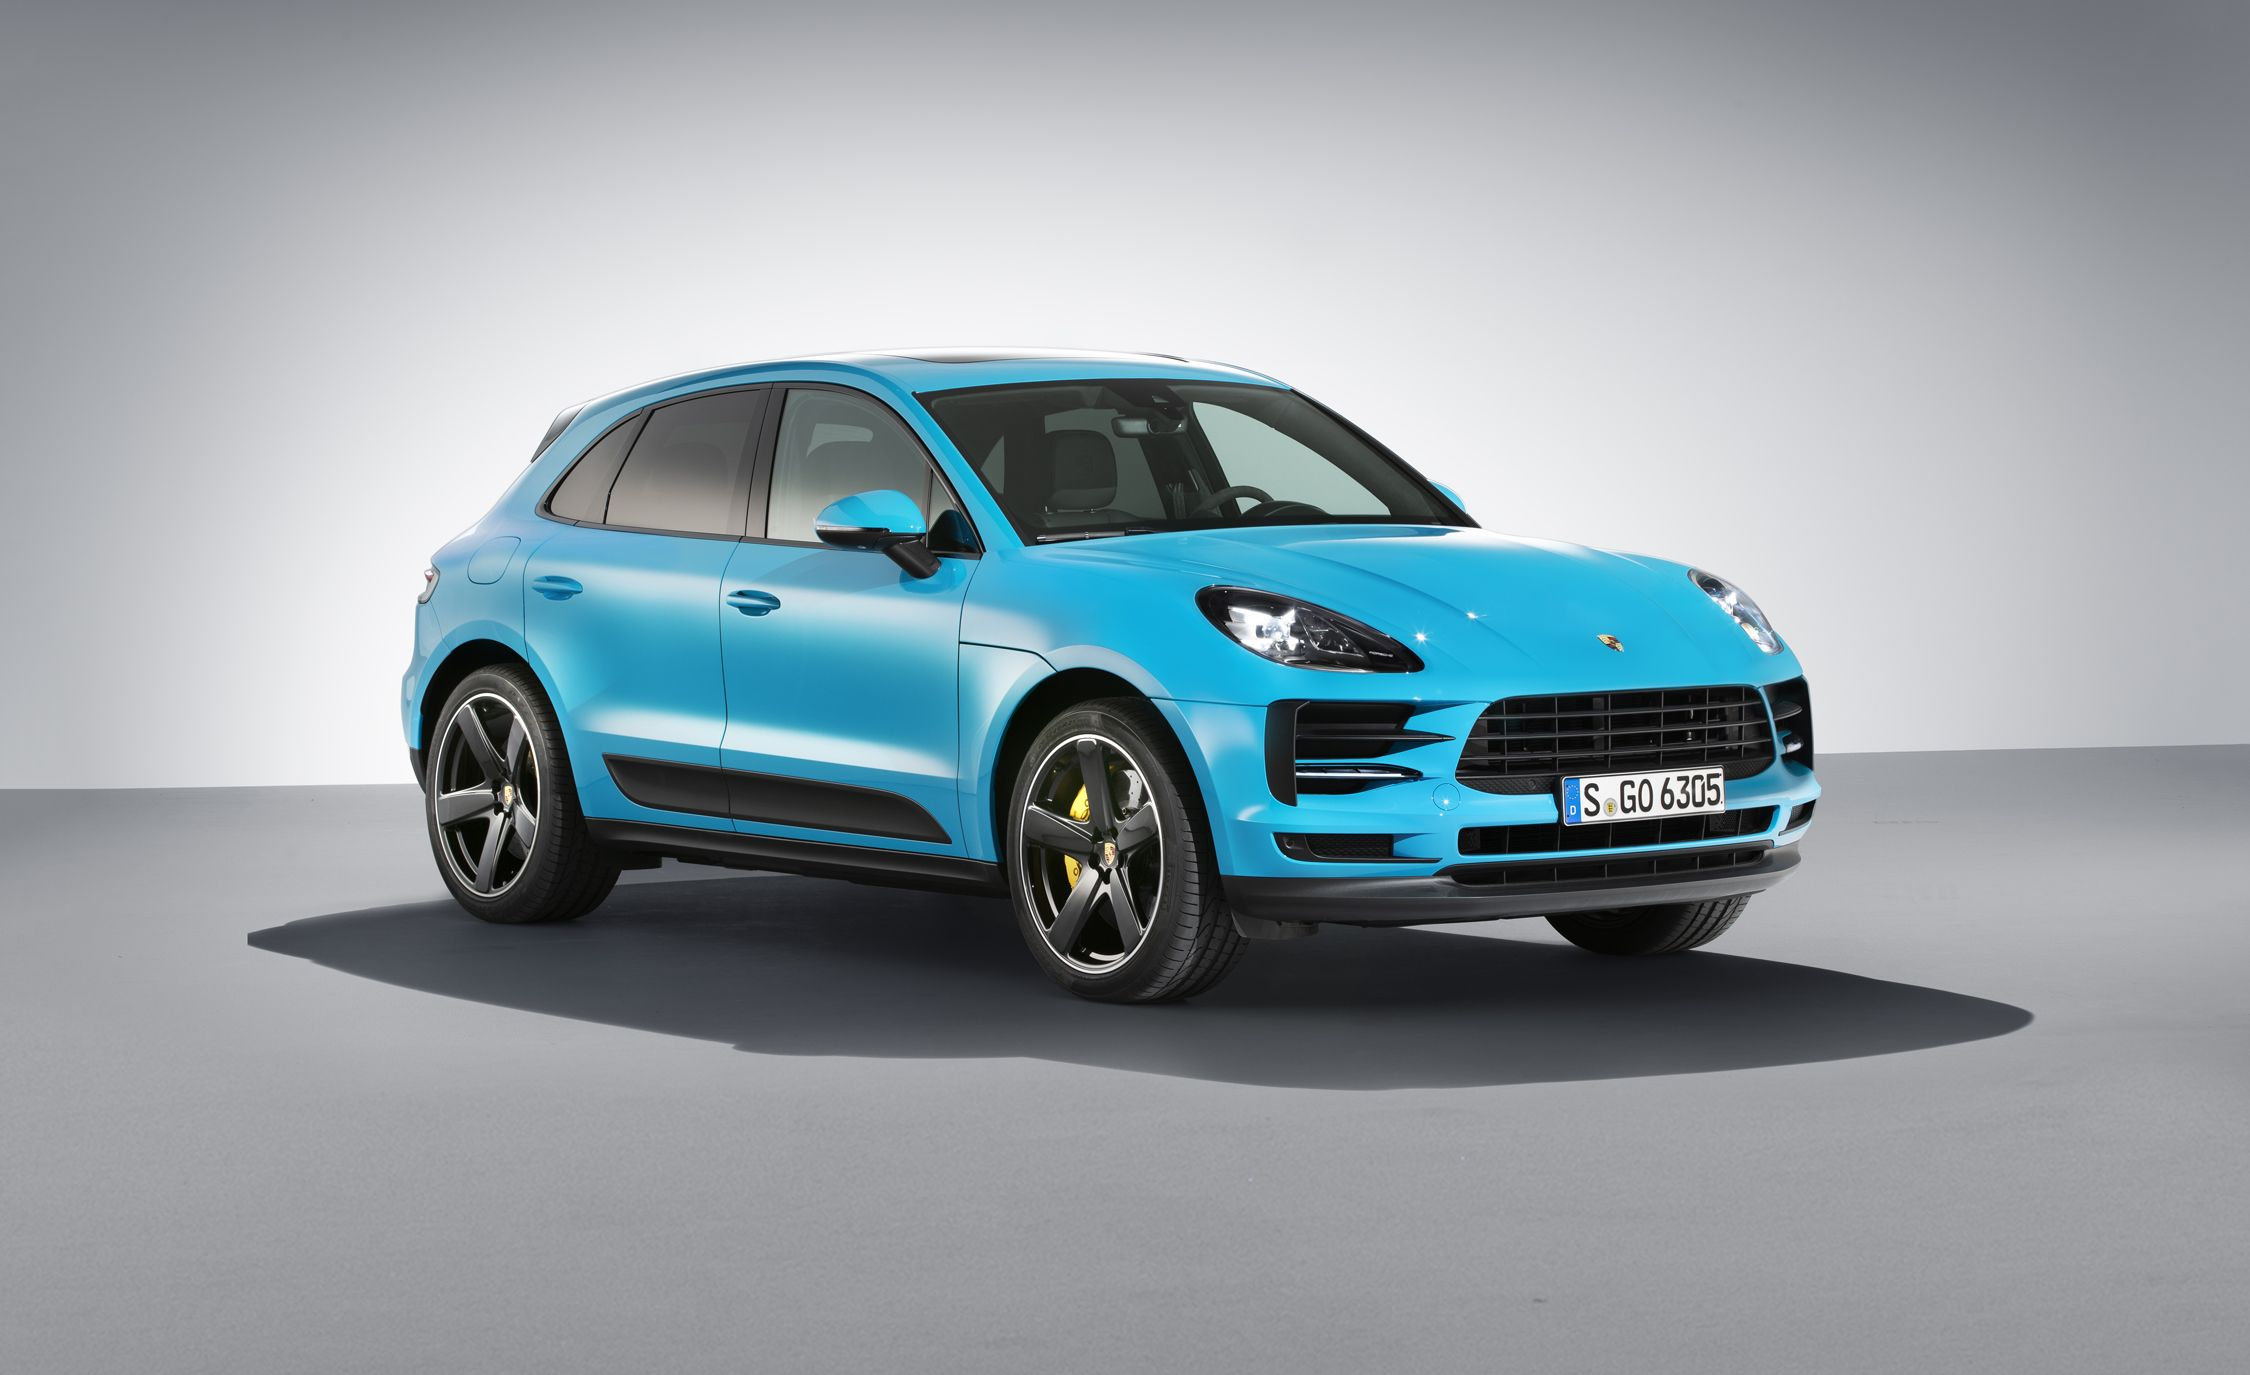 2019 Porsche Macan New Look New V 6s More Power News